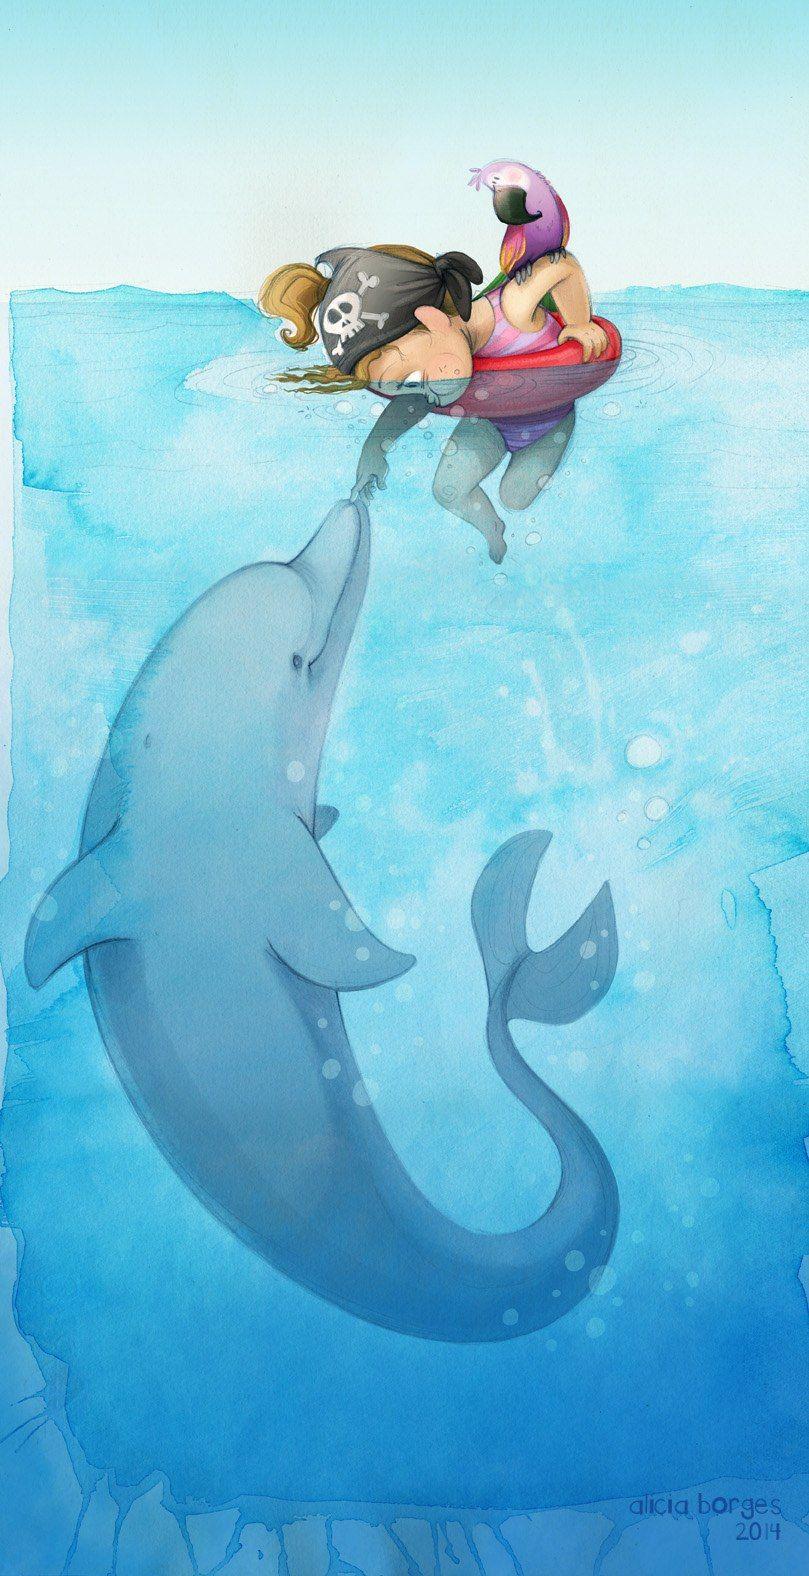 Постер в детскую Девочка и дельфин. Море. Детский постер ...